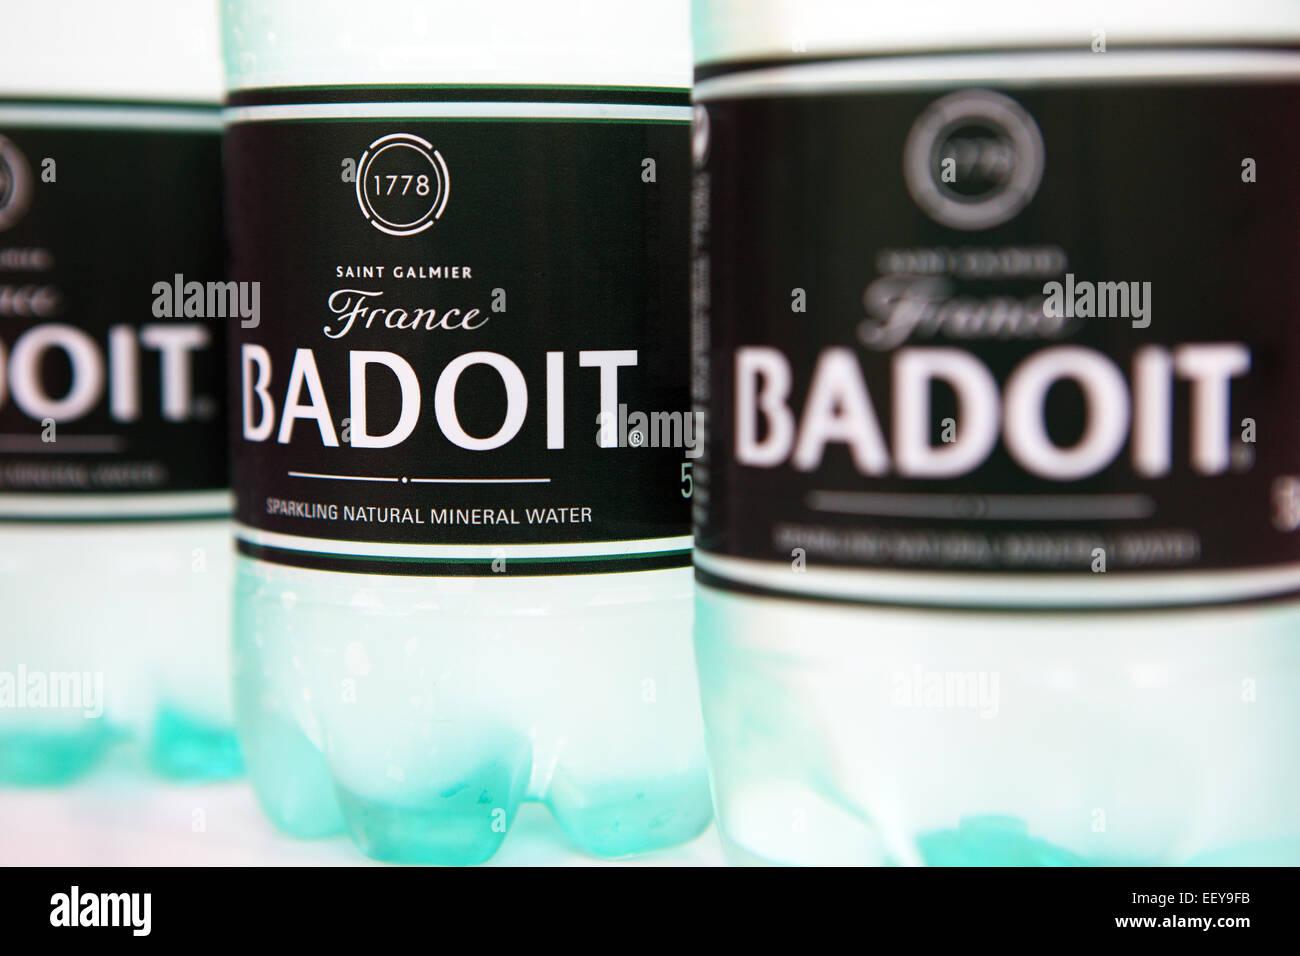 Bouteilles de badoit l'eau embouteillée en Français Photo Stock